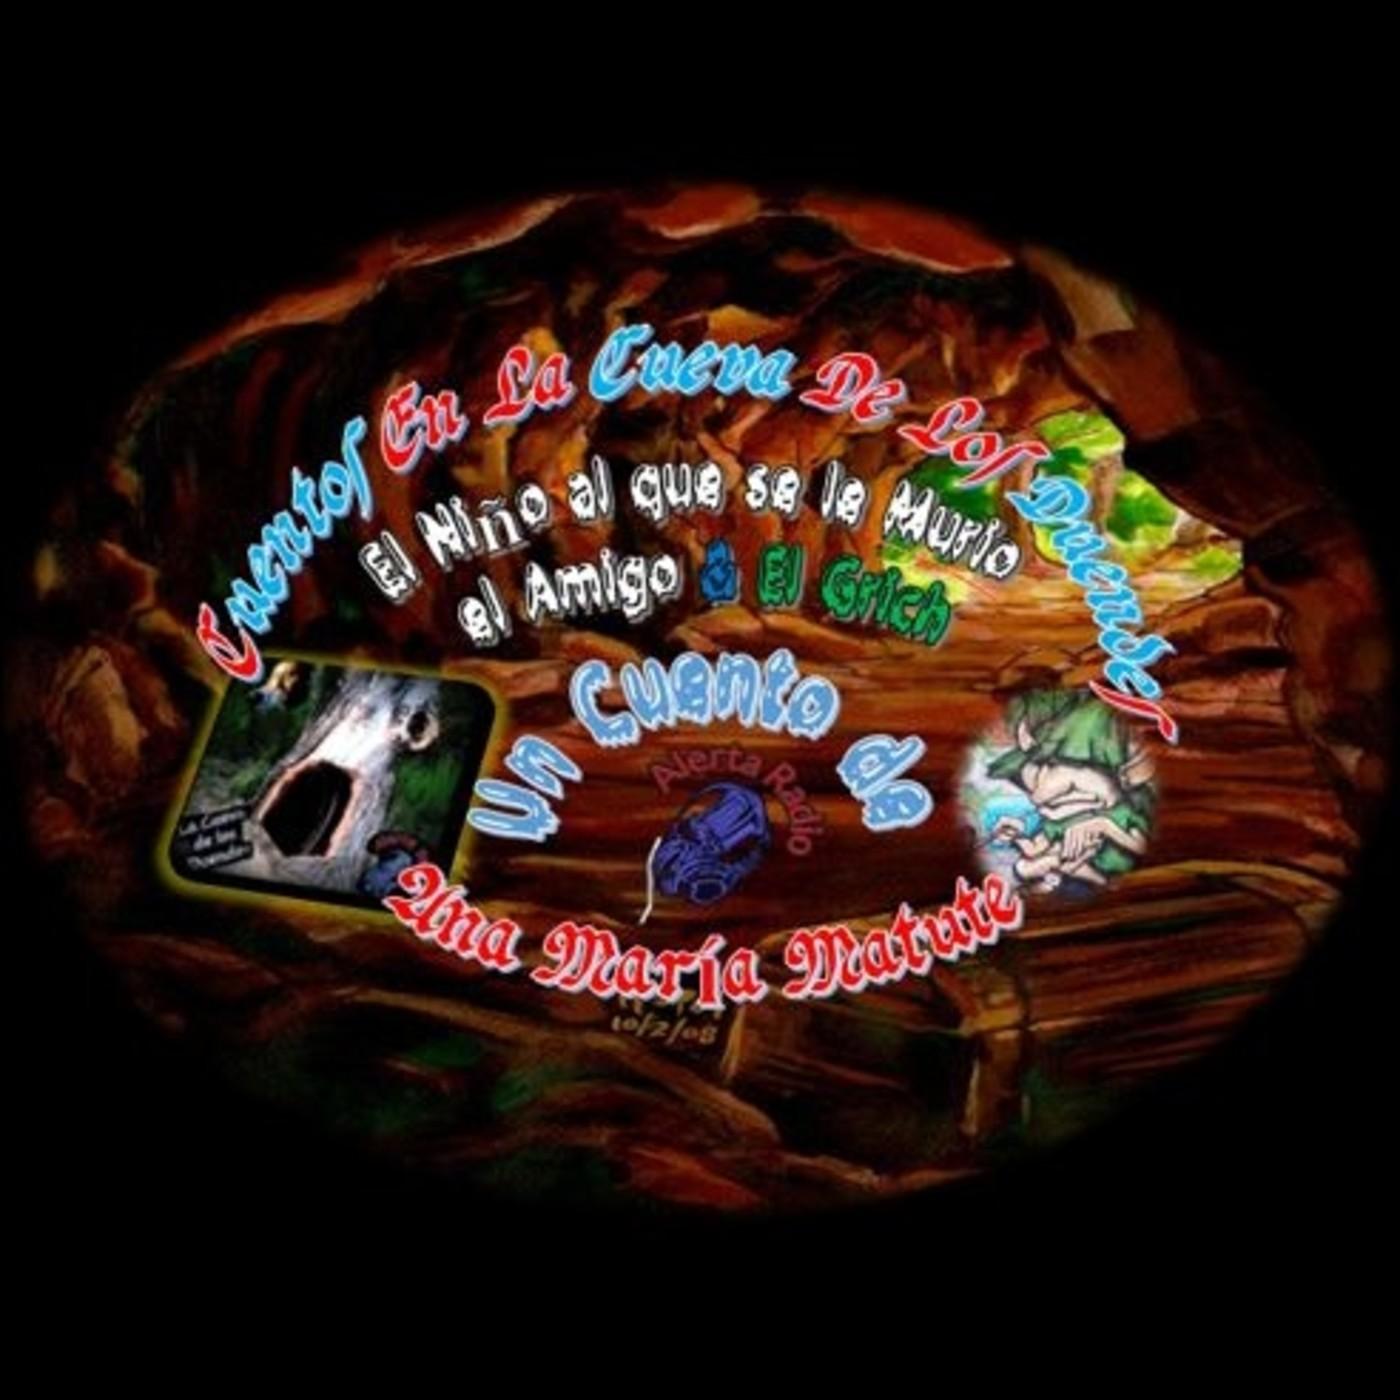 Cuentos en la Cueva 10.5 Mix: El Grich & El Niño al que se le Murió él Amigo